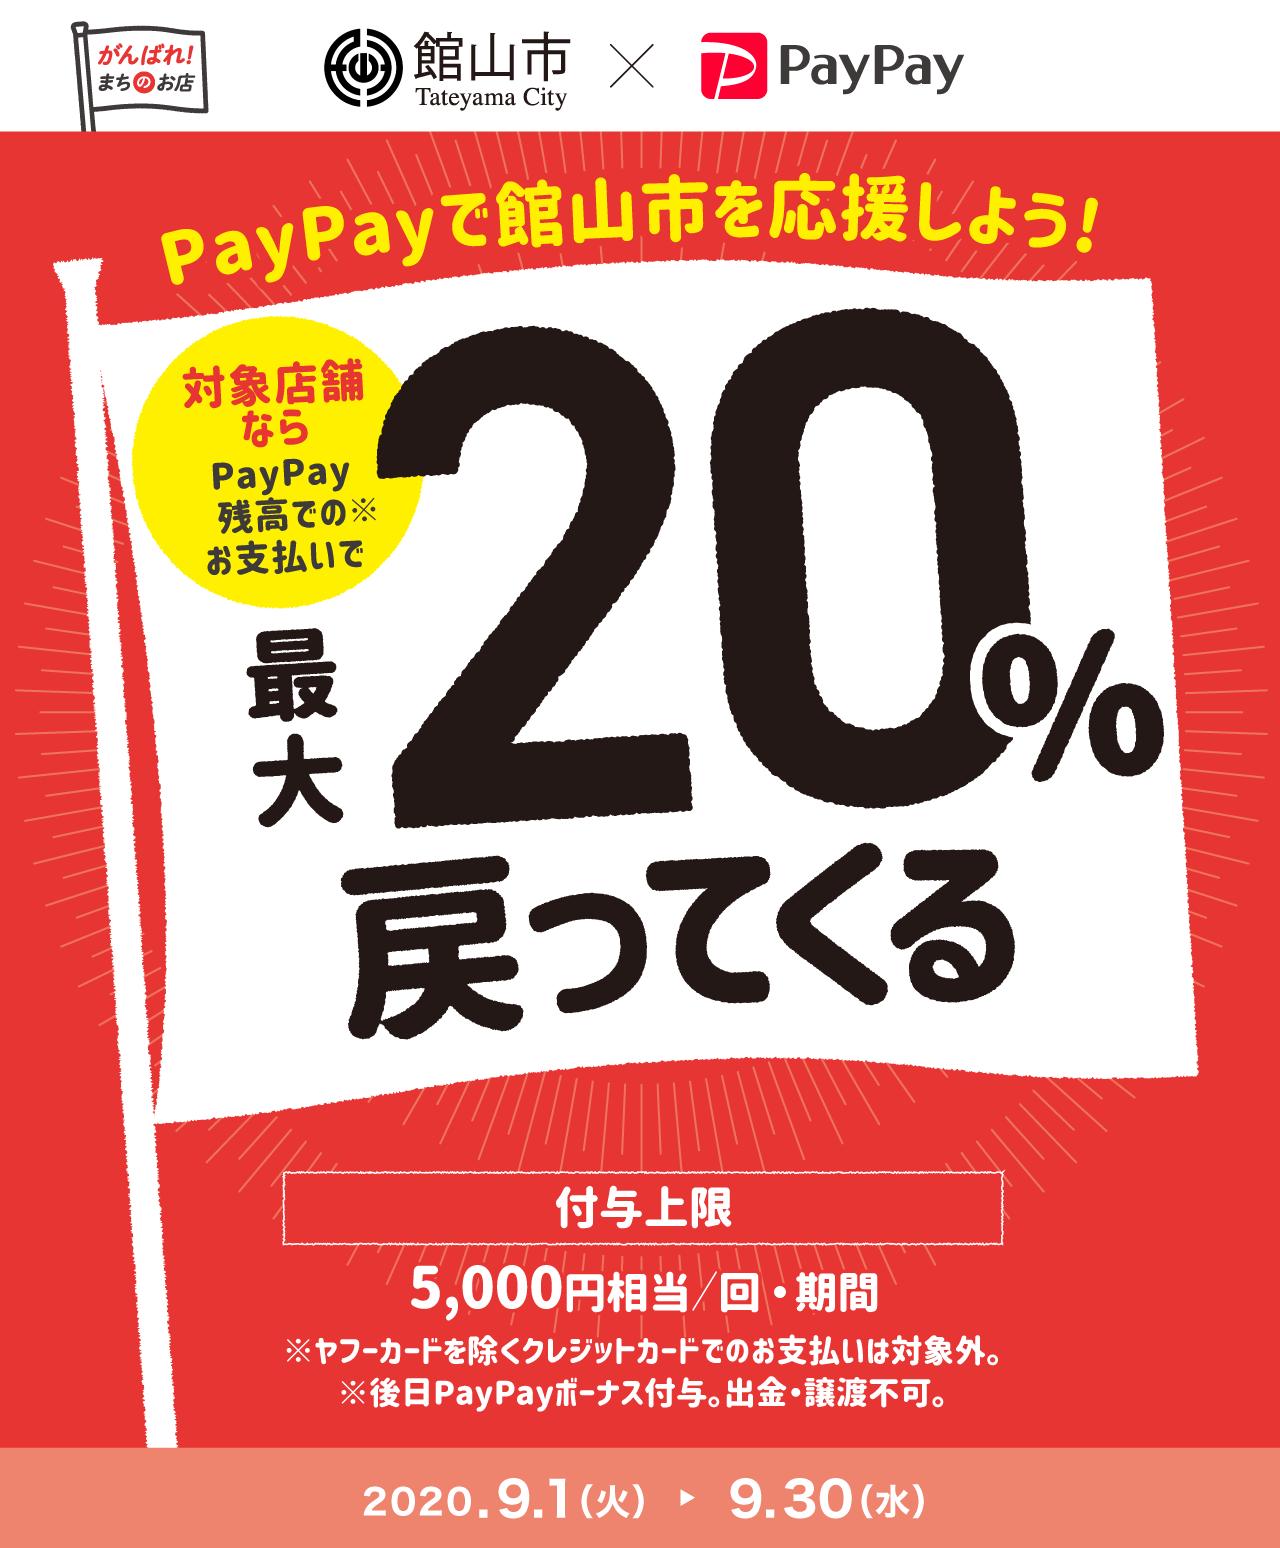 PayPayで館山市を応援しよう! 対象店舗ならPayPay残高でのお支払いで最大20%戻ってくる